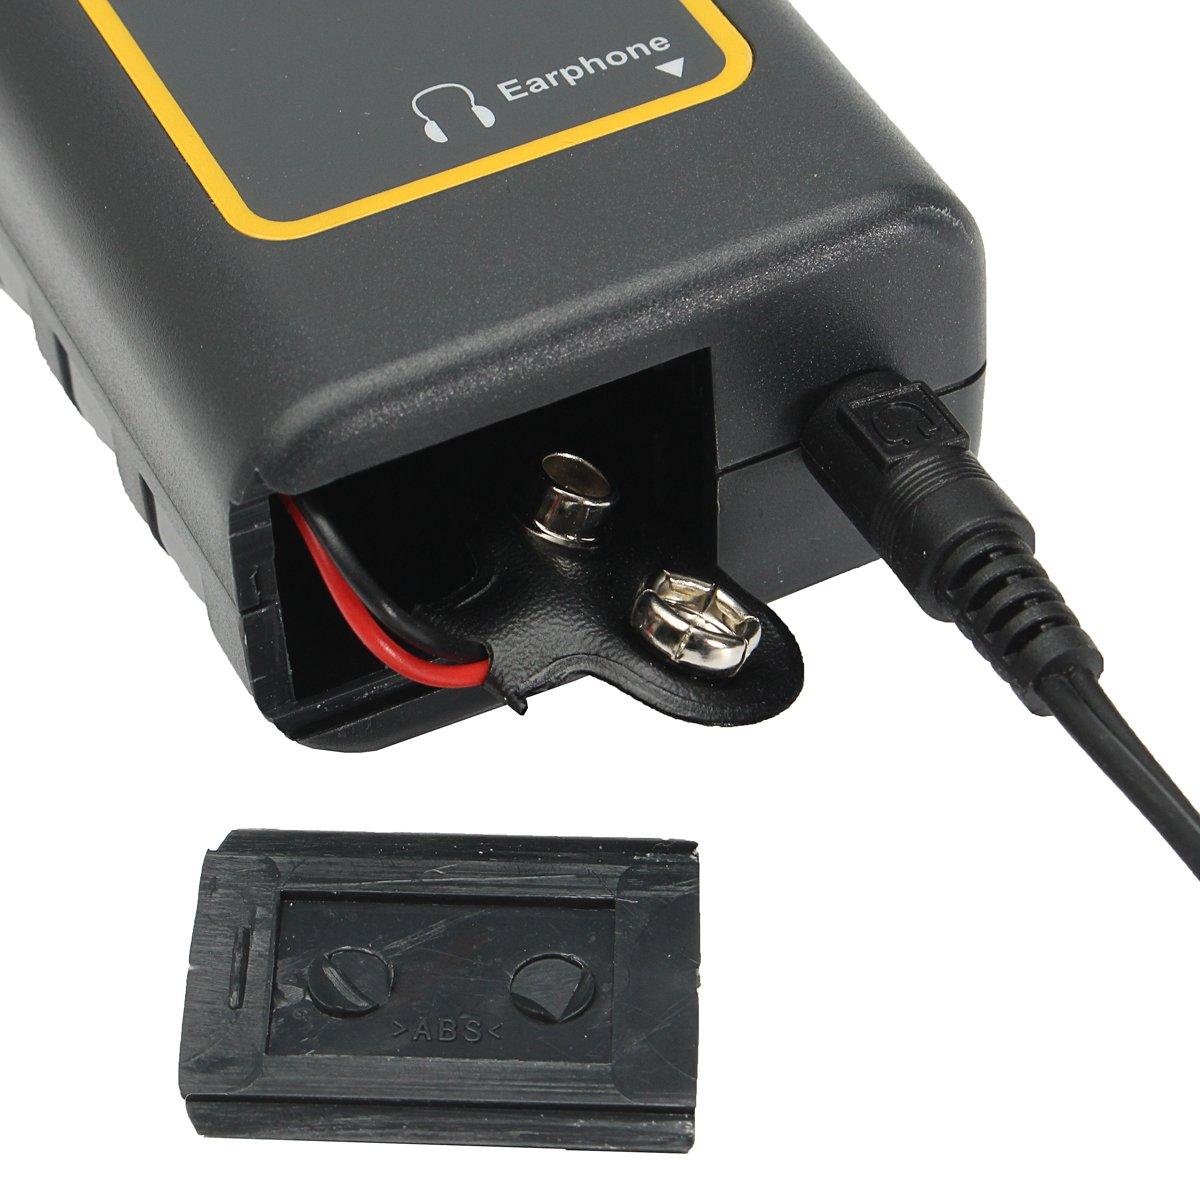 DyNamic Estetoscopio Electrónico Auricular Detector De Fugas De Agua Tubo De Detección Equipo Kit: Amazon.es: Bricolaje y herramientas